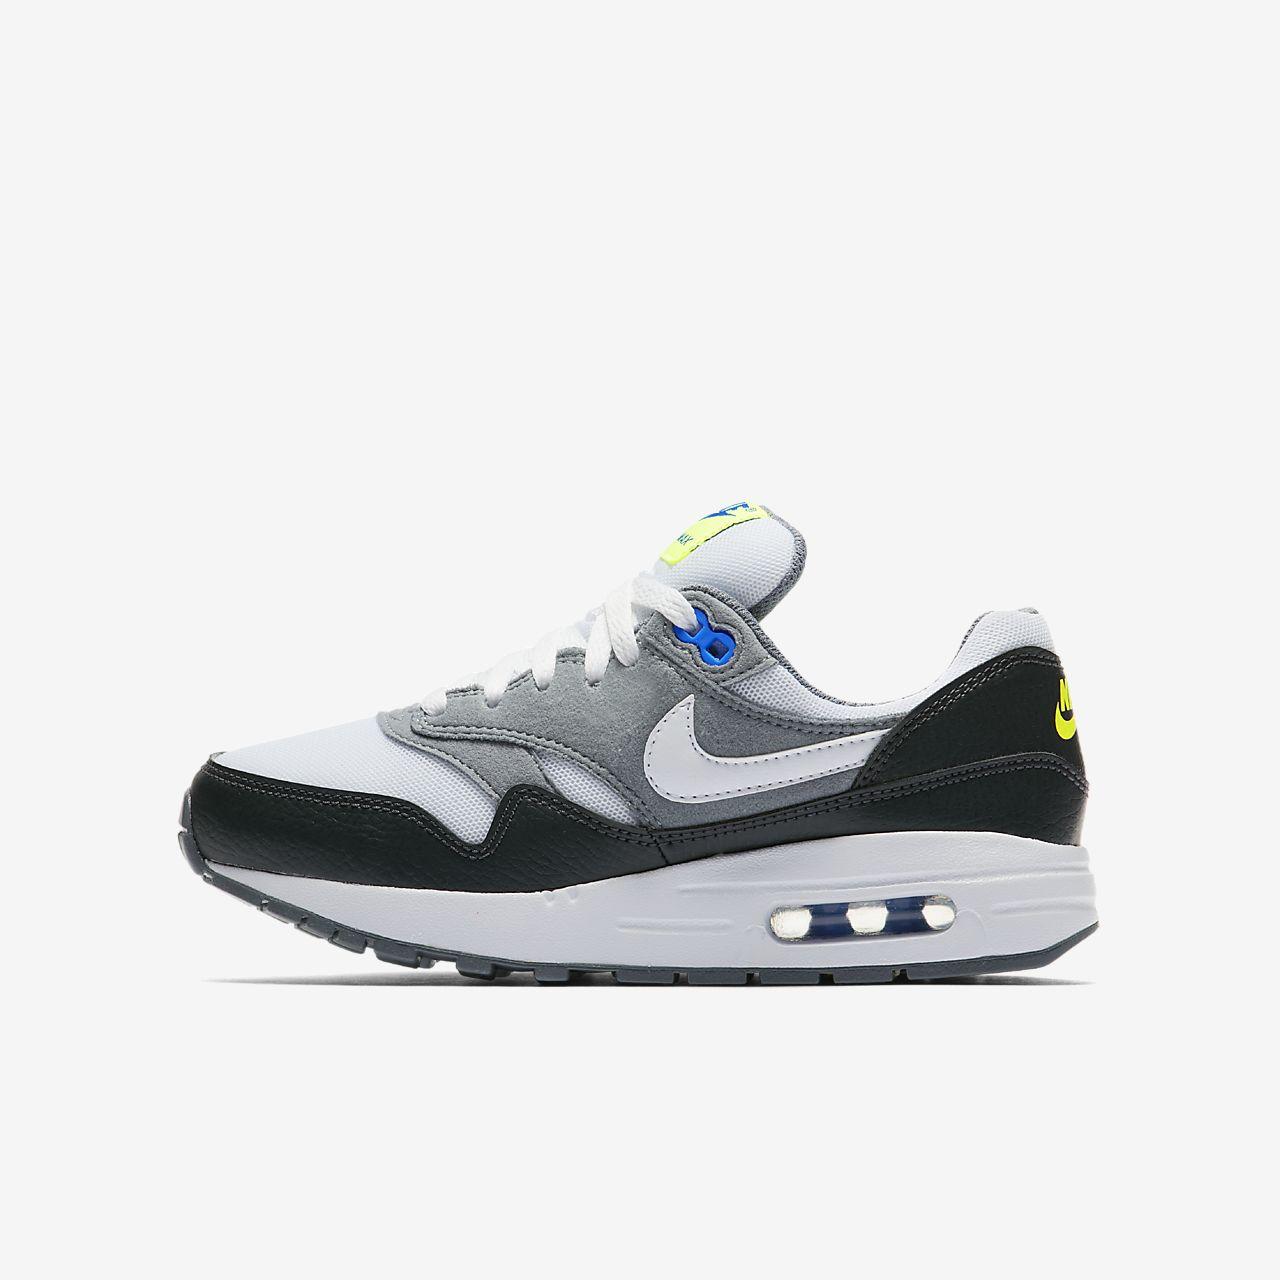 sports shoes b82a9 e68ab ... Nike Air Max 1 sko for store barn